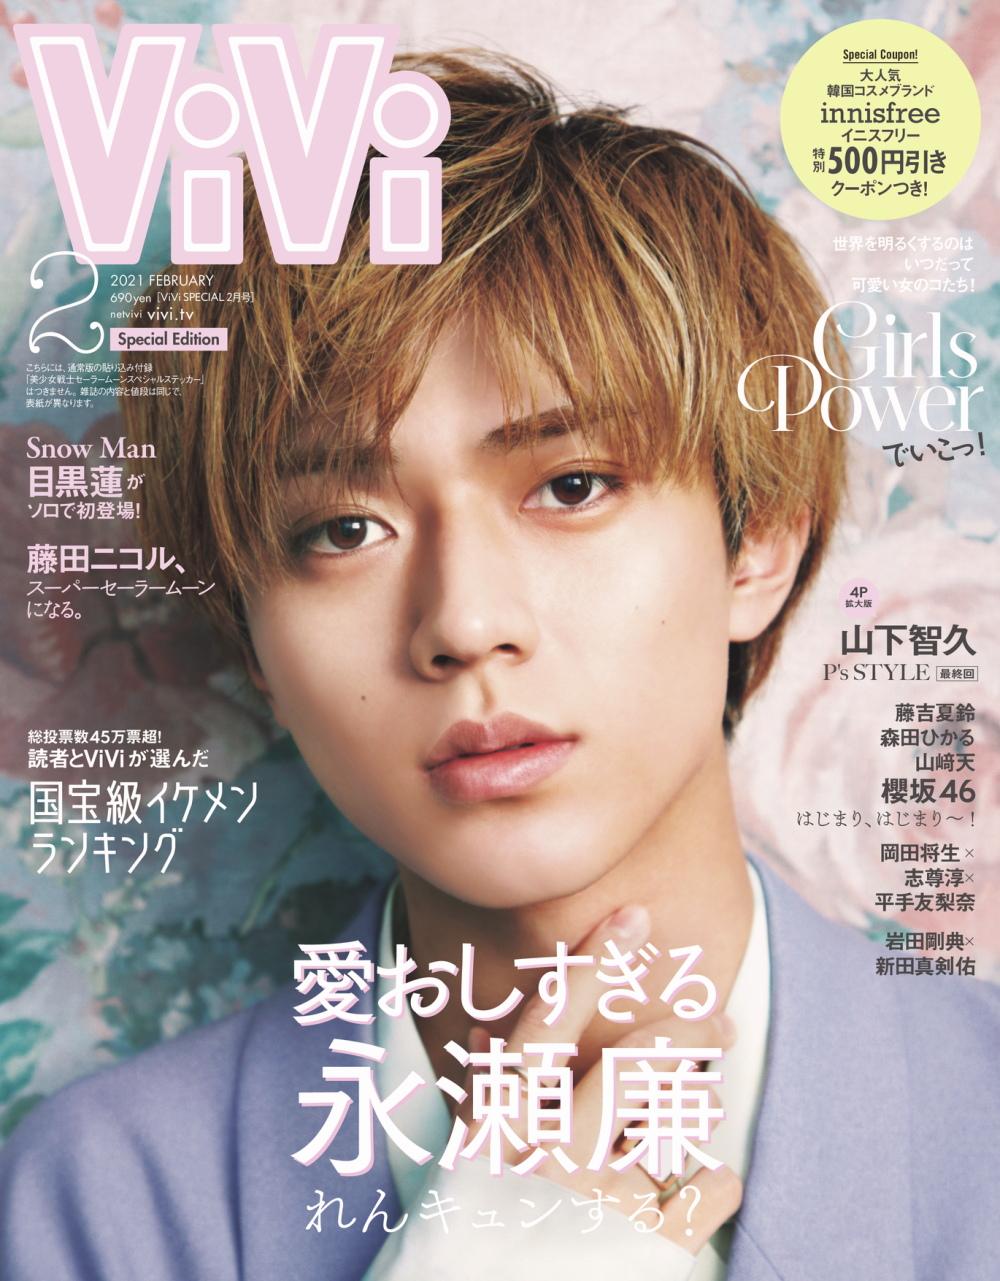 画像は、永瀬廉さんが表紙を飾る「ViVi」2021年2月号特別版